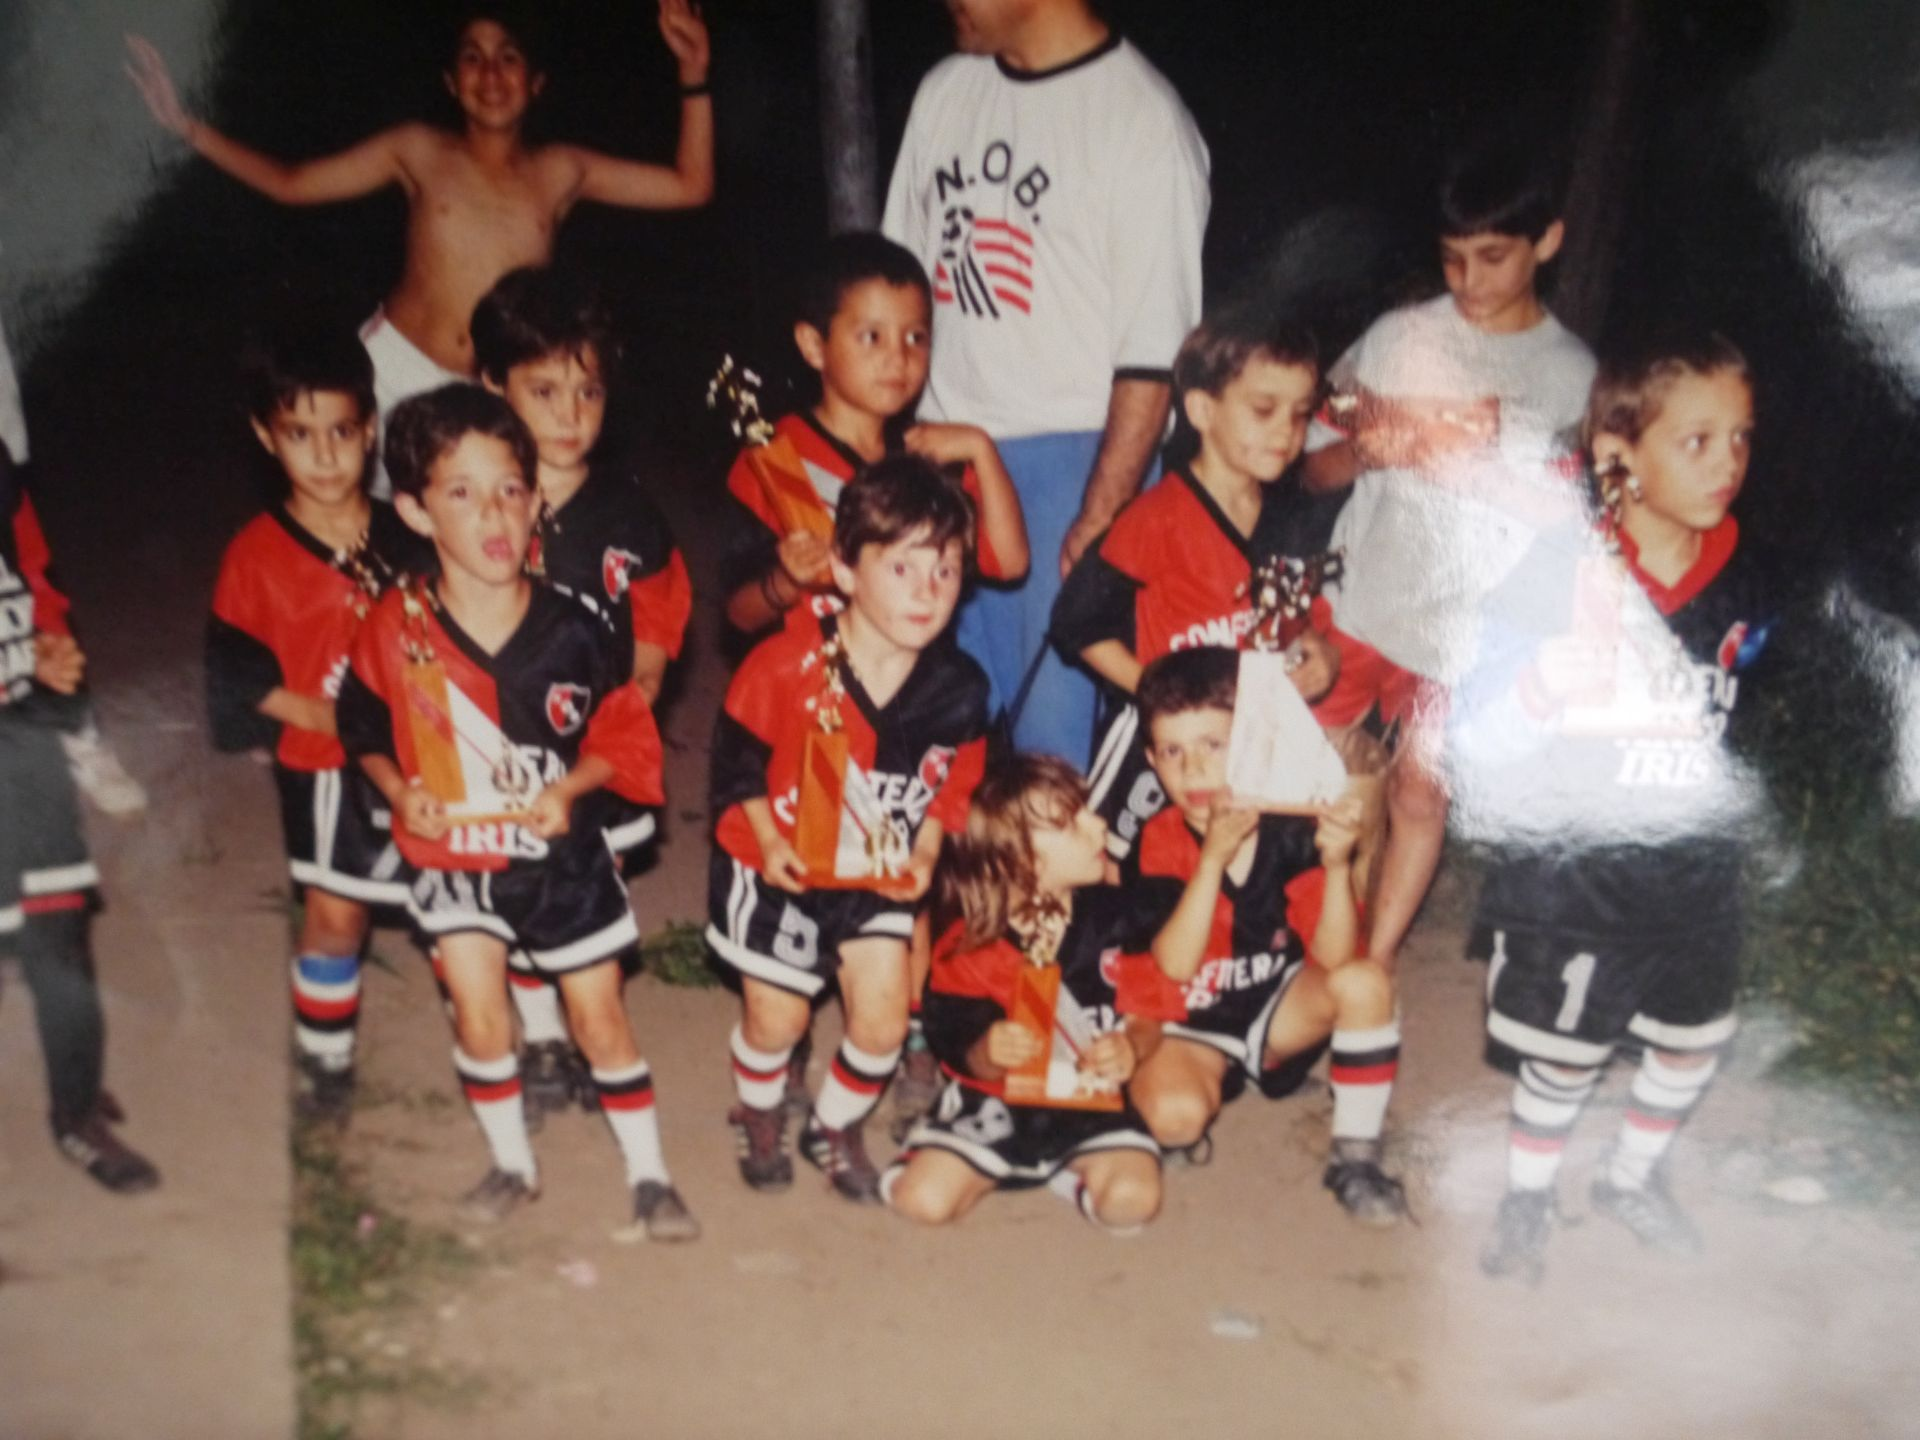 Zdjęcie z występów w Newells z kolekcji Agustina. Messi w pierwszym rzędzie, drugi od lewej, z